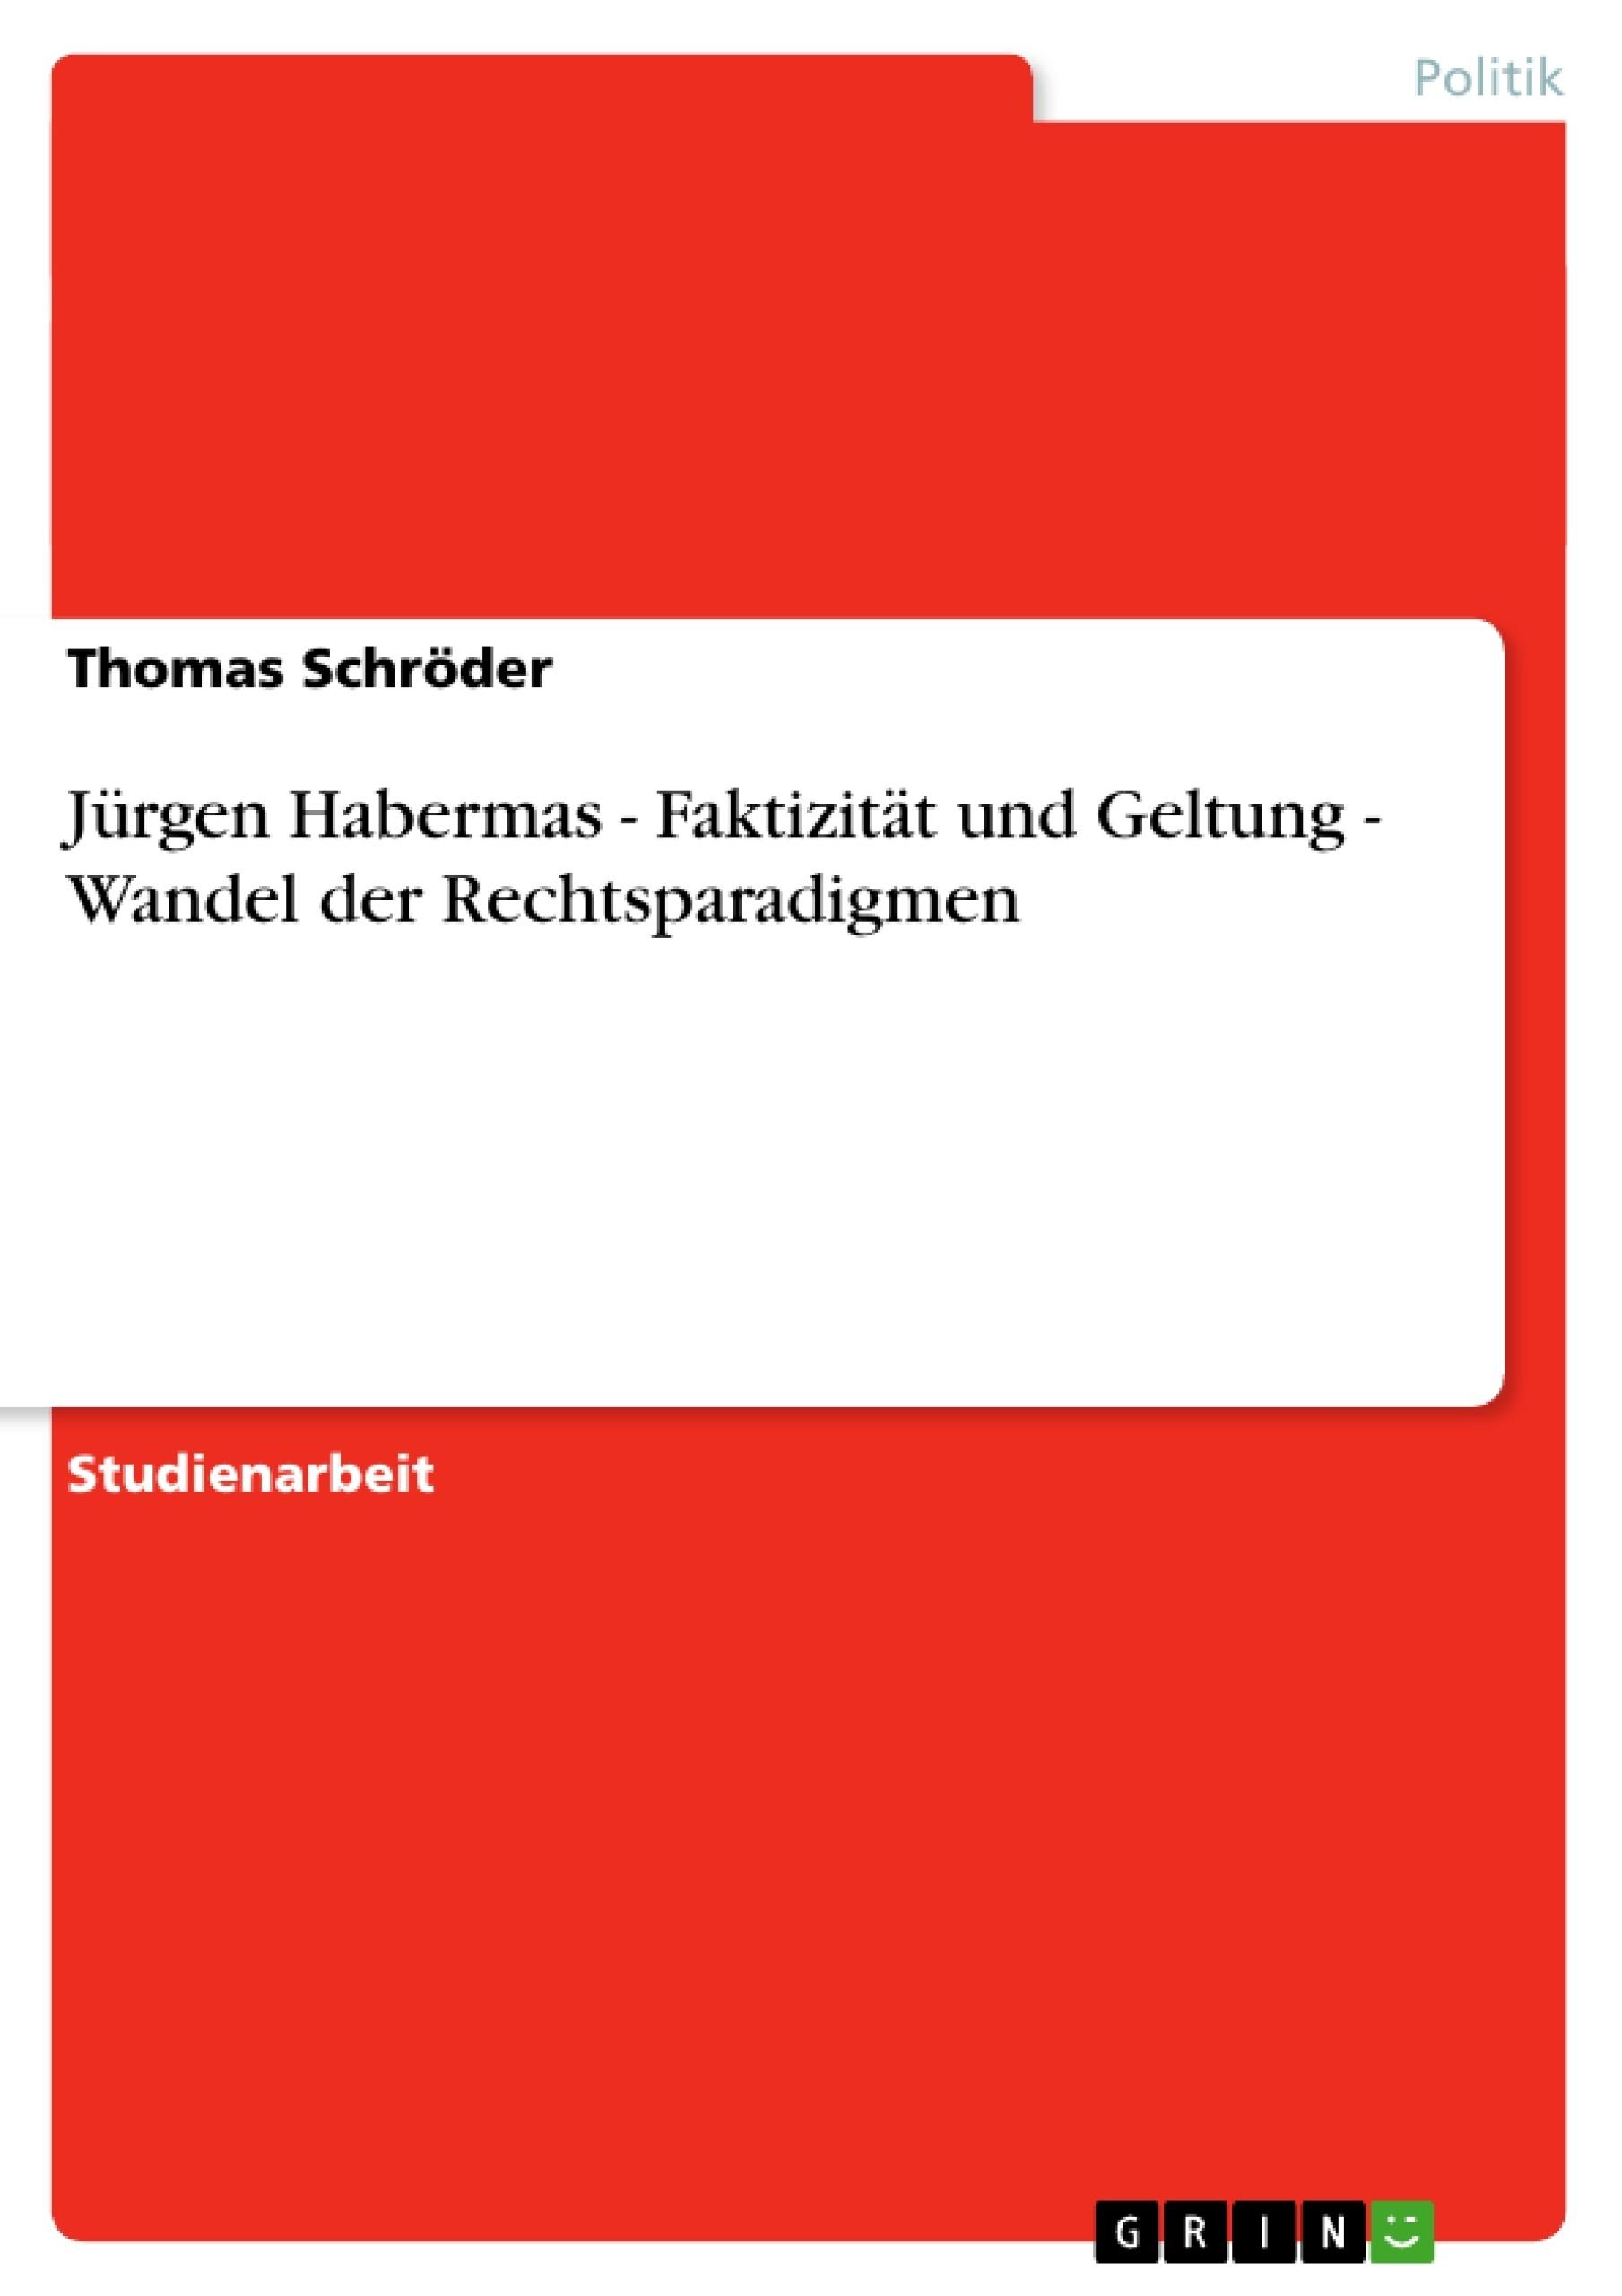 Titel: Jürgen Habermas - Faktizität und Geltung - Wandel der Rechtsparadigmen